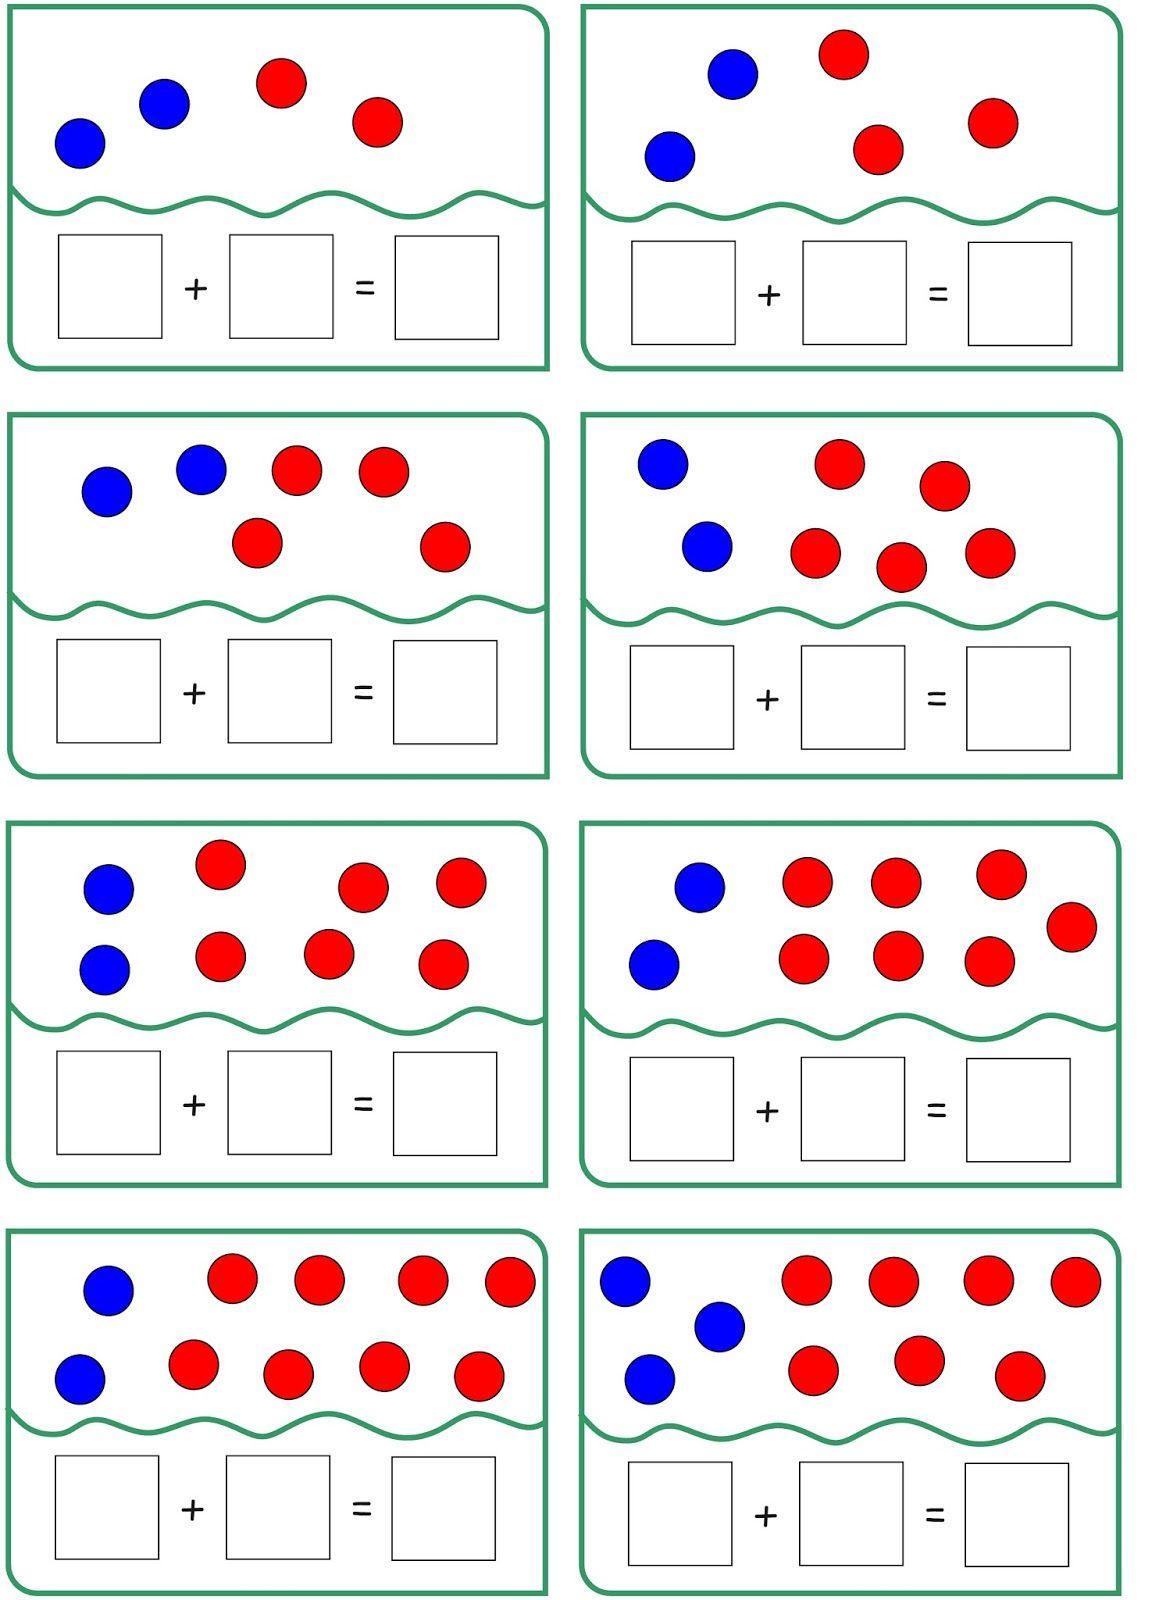 Mengenbilder und ihre Zahlensätze